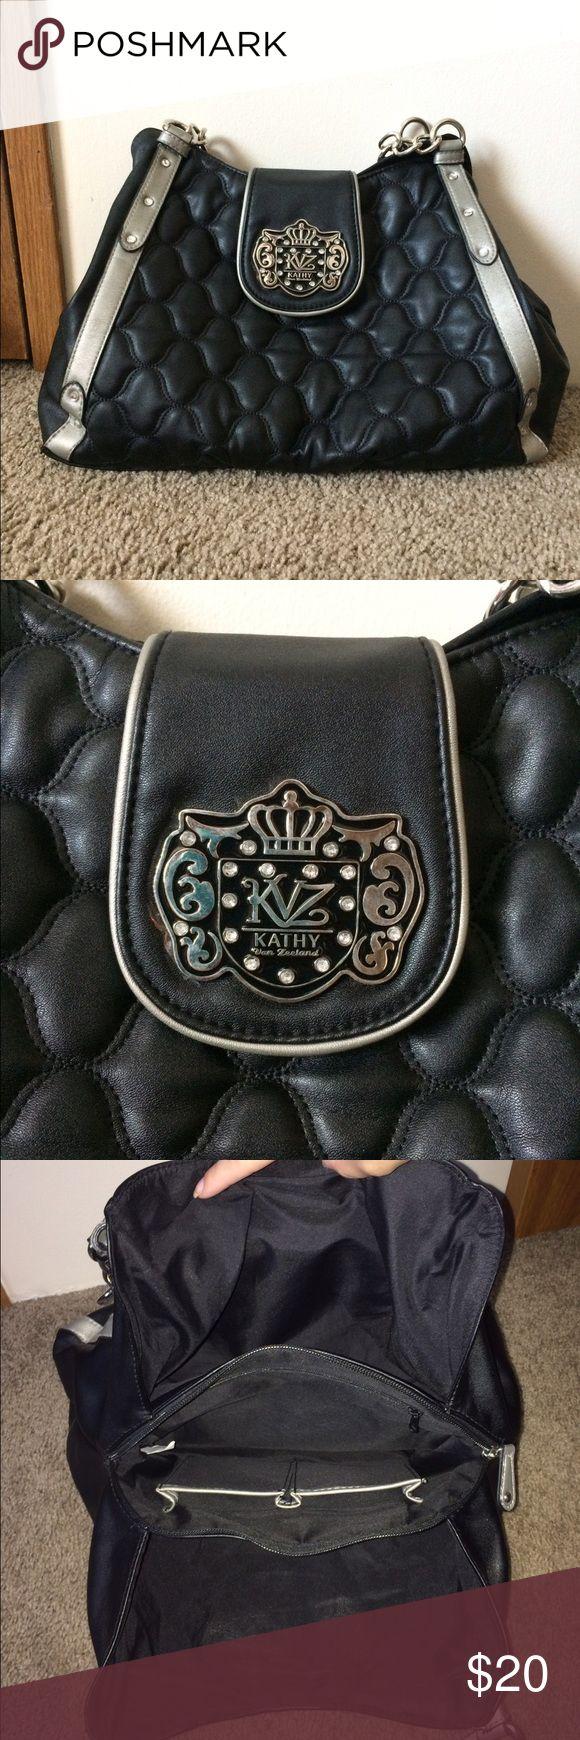 Kathy Van Zeeland Purse This purse is cute and has lots of space in it! Only used once. Kathy Van Zeeland Bags Shoulder Bags